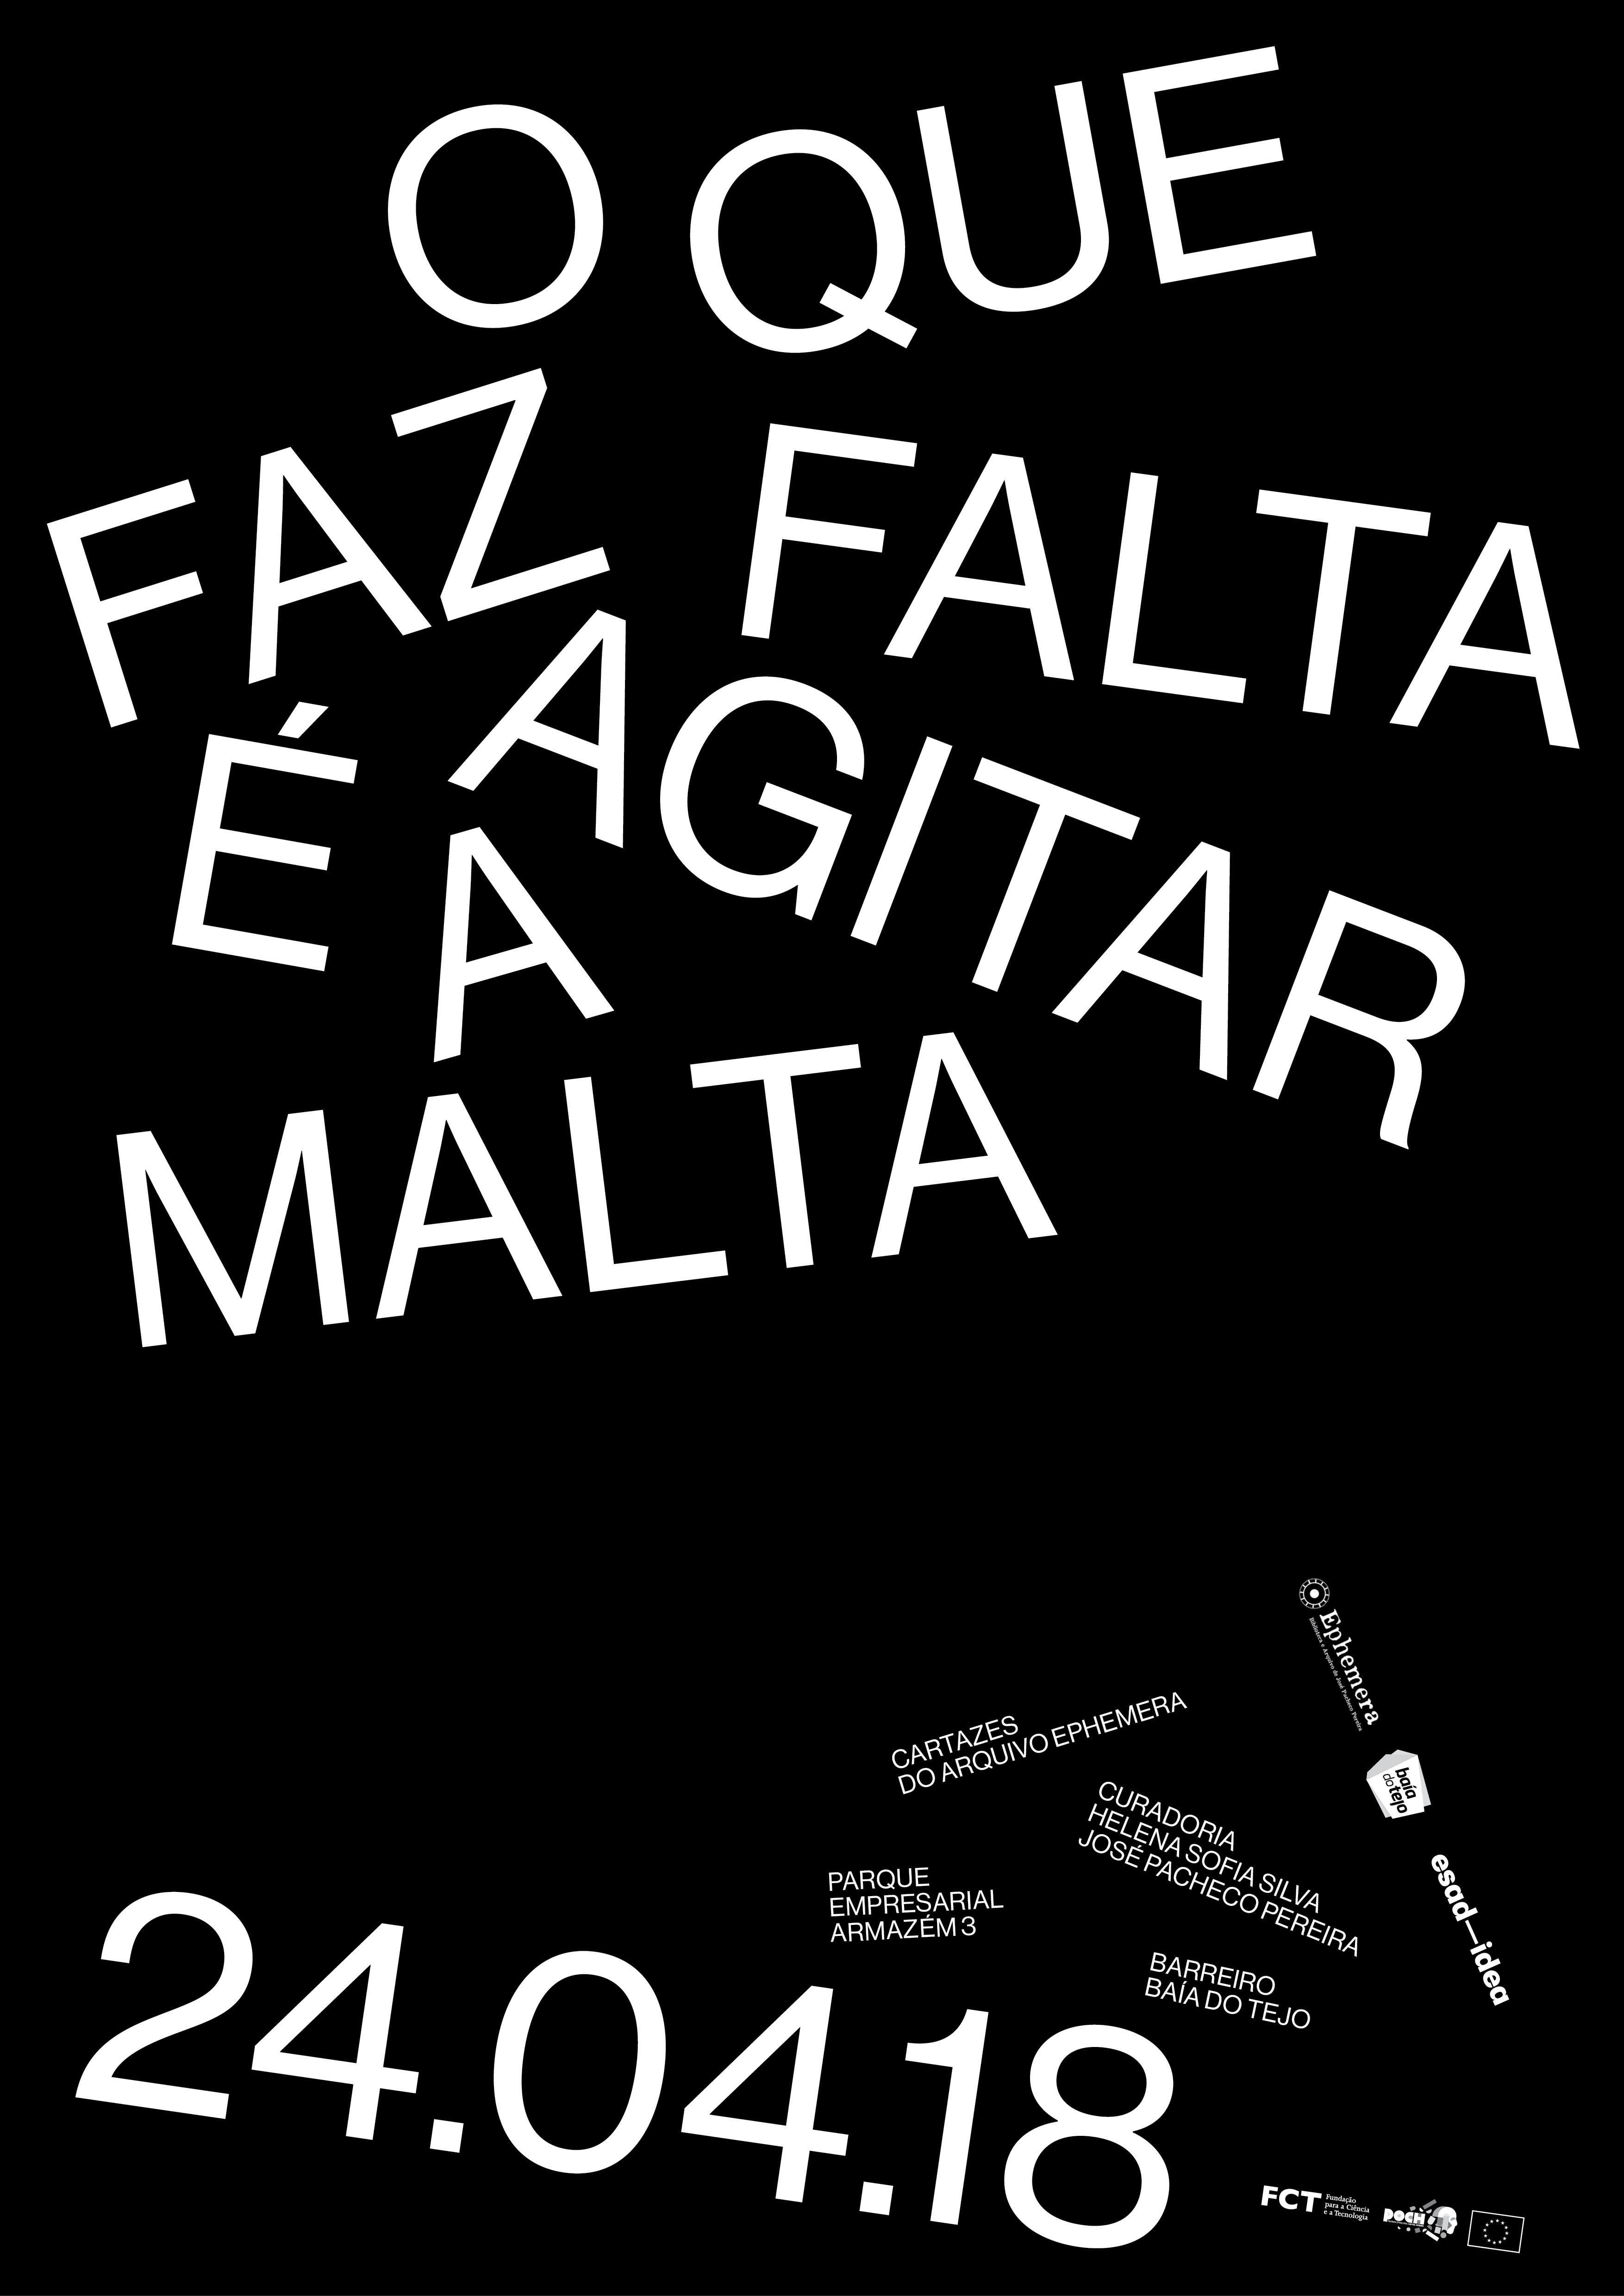 """a1f4e41f2 """"O QUE FAZ FALTA É AGITAR A MALTA"""" – CARTAZES ARTESANAIS DO ARQUIVO  EPHEMERA ( ARMAZÉM 3 NO PARQUE EMPRESARIAL DO BARREIRO"""